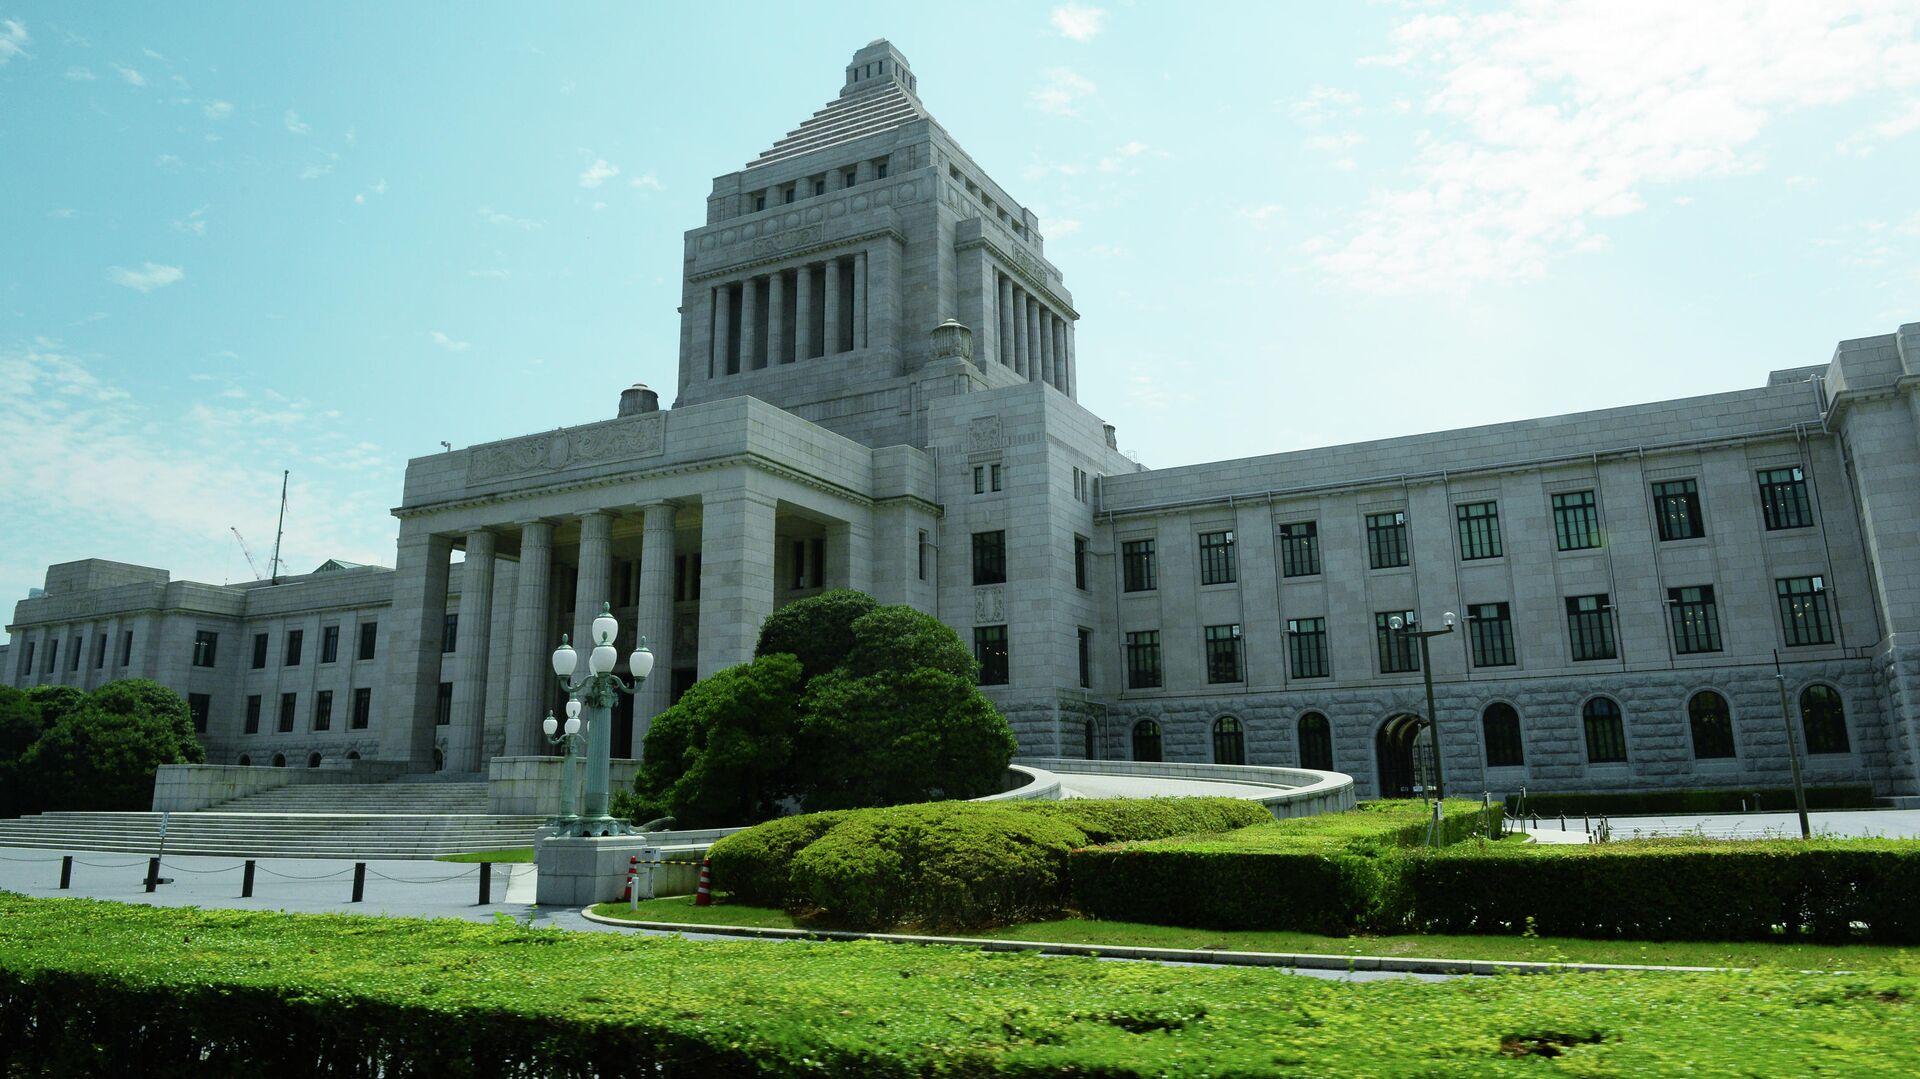 Здание Парламента Японии в Токио - РИА Новости, 1920, 08.07.2020